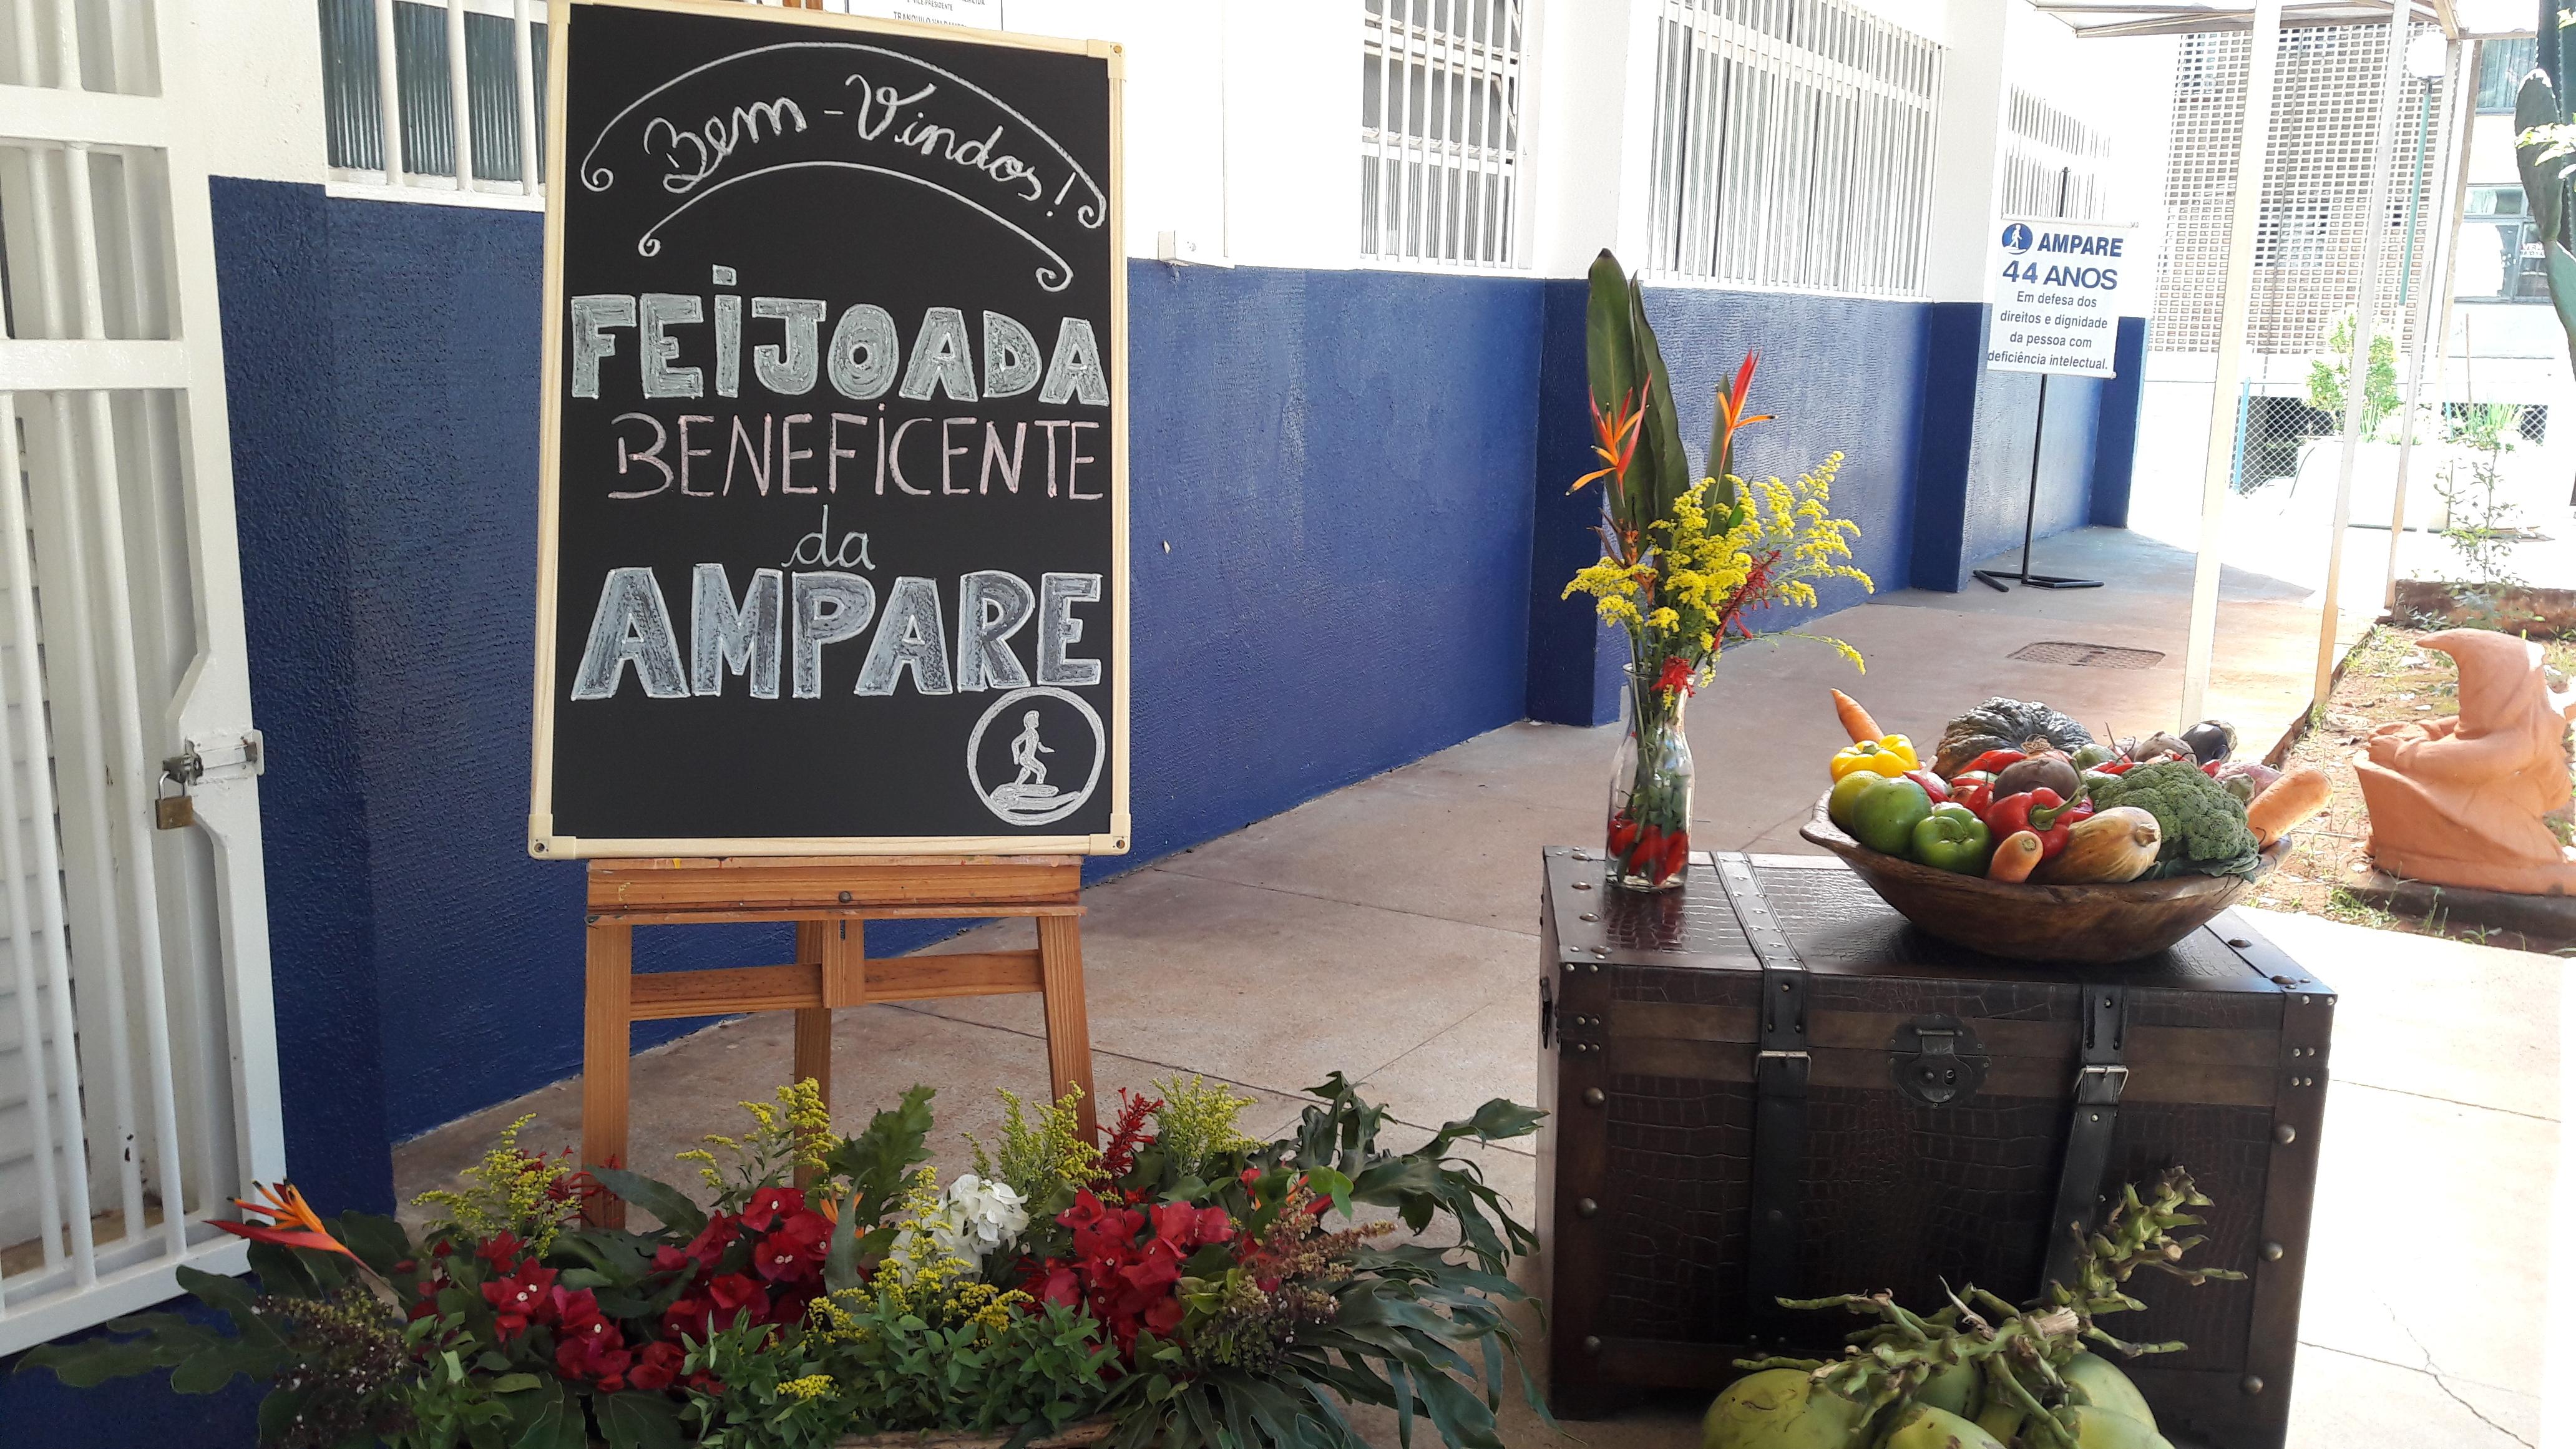 Feijoada Beneficente  da AMPARE 2017